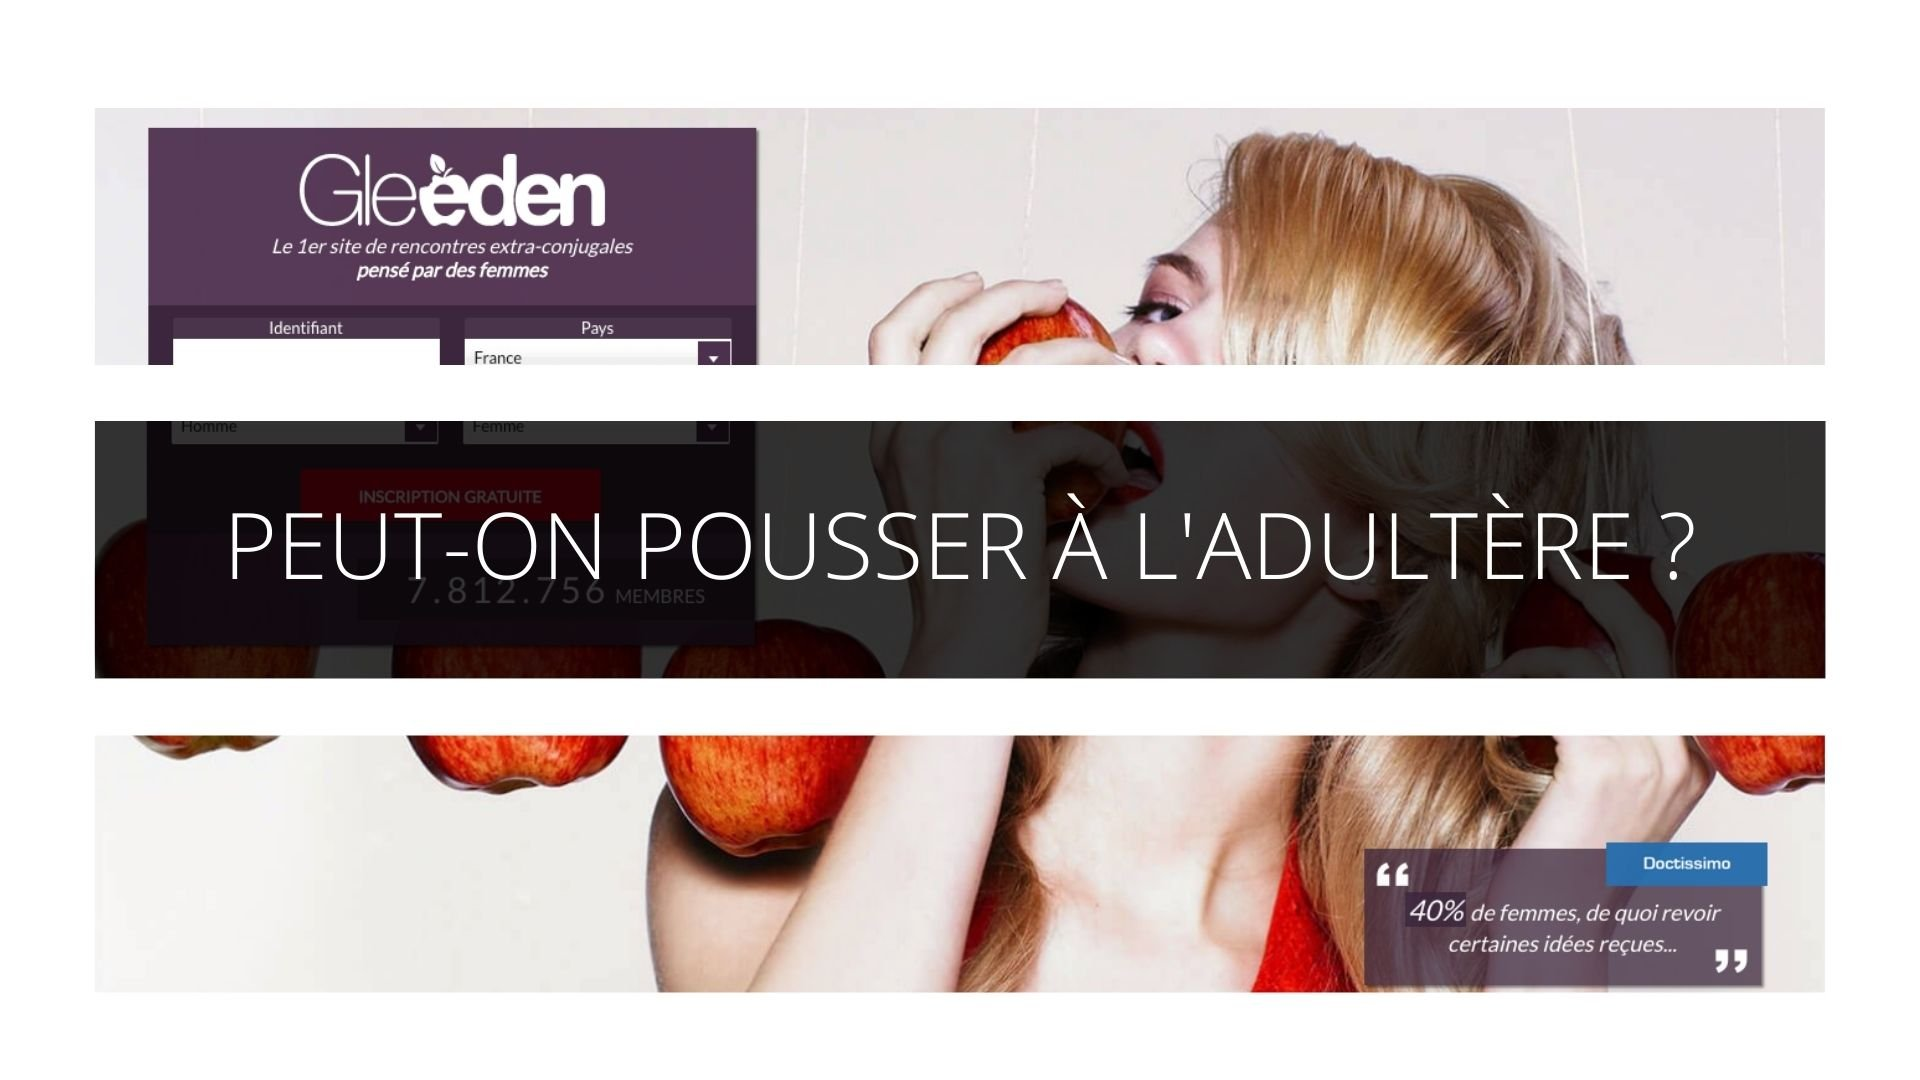 Peut-on interdire la publicité d'un site internet qui pousse à l'adultère ?